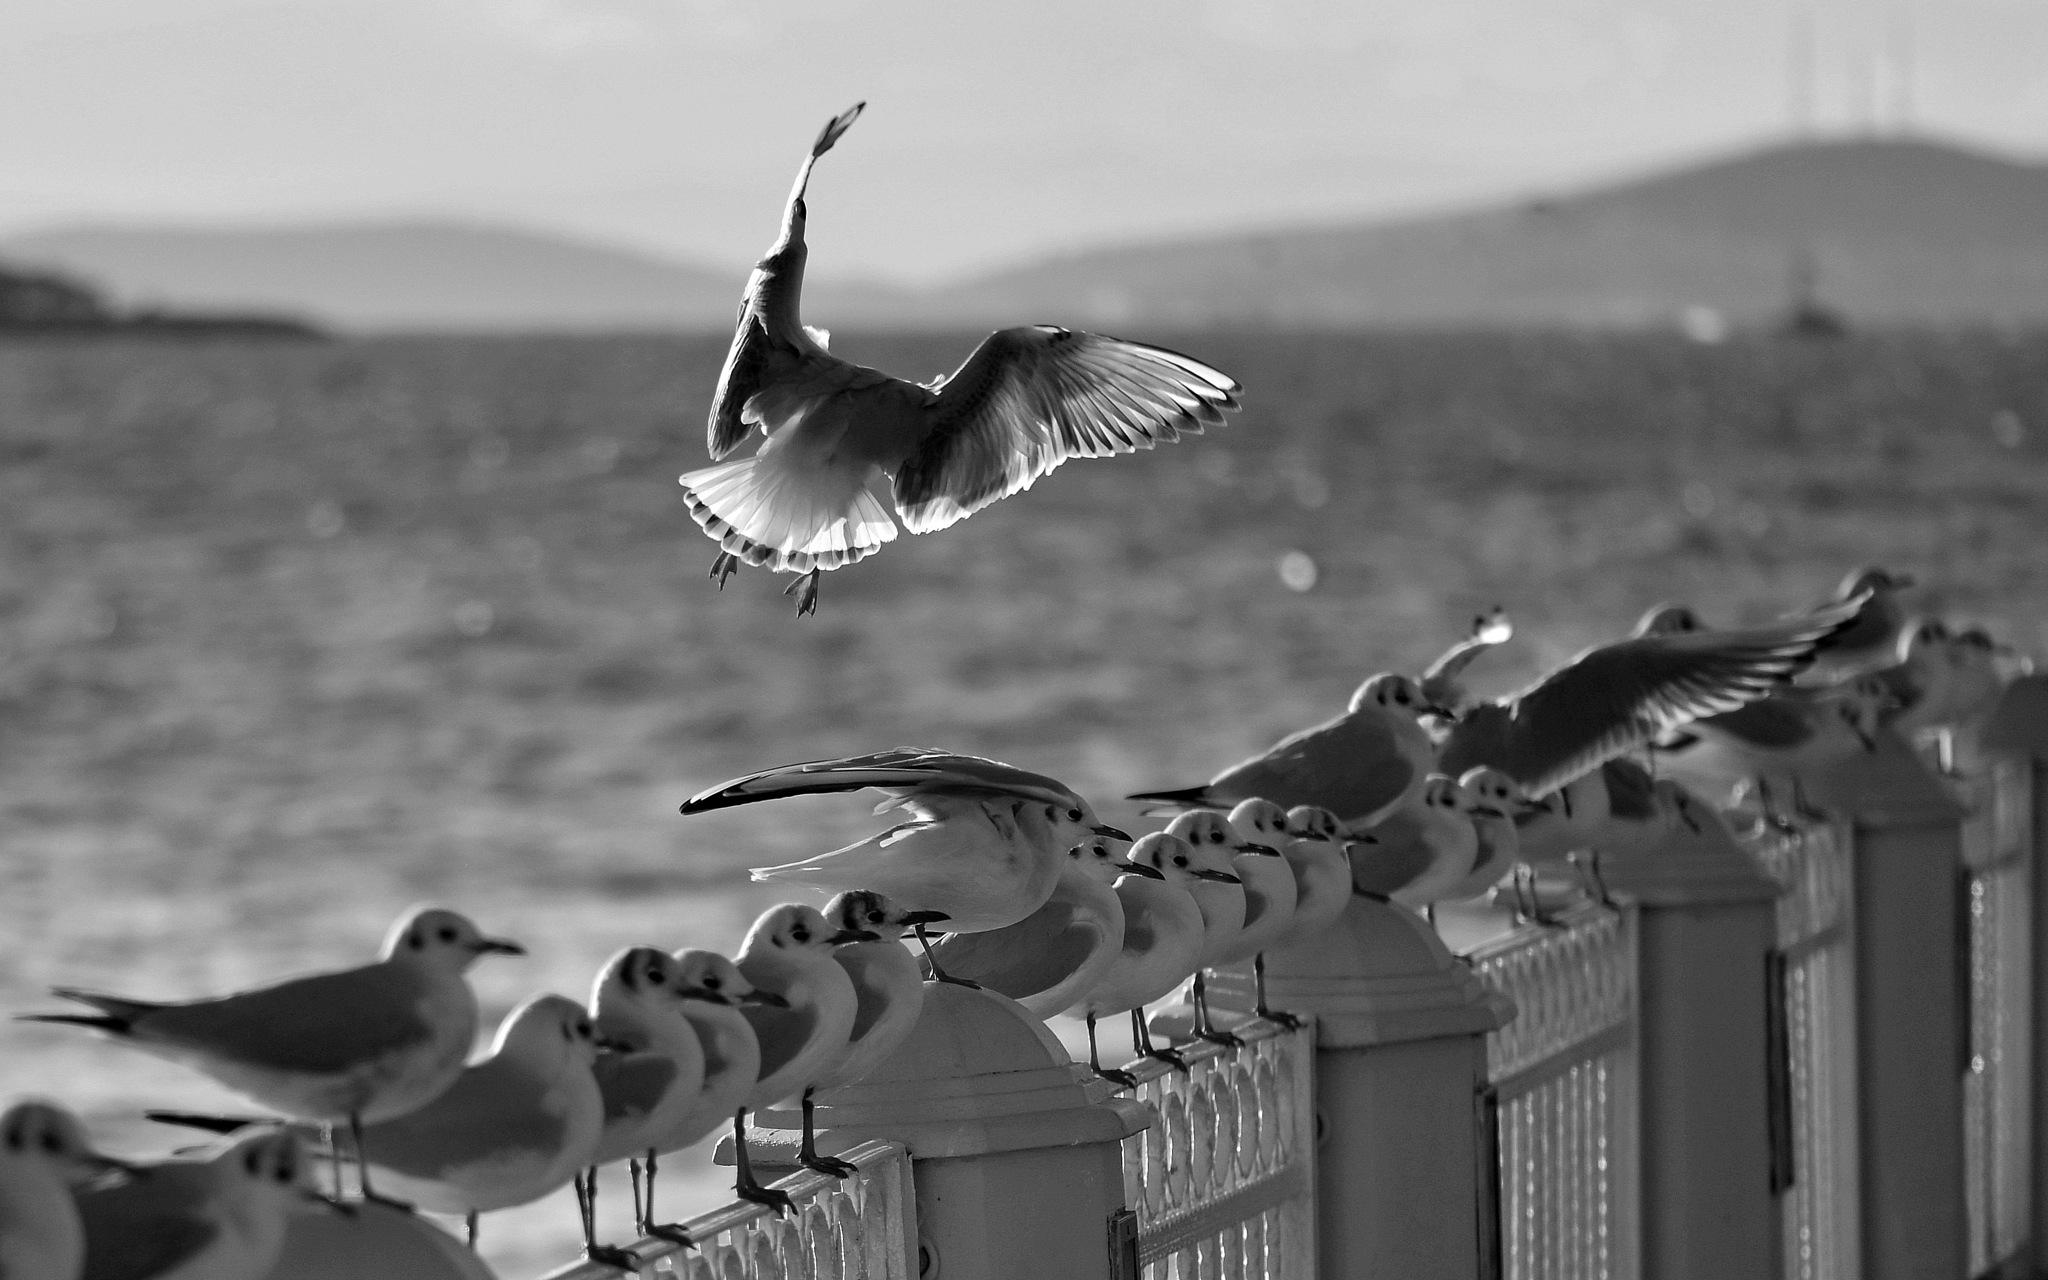 Wings by vabserk